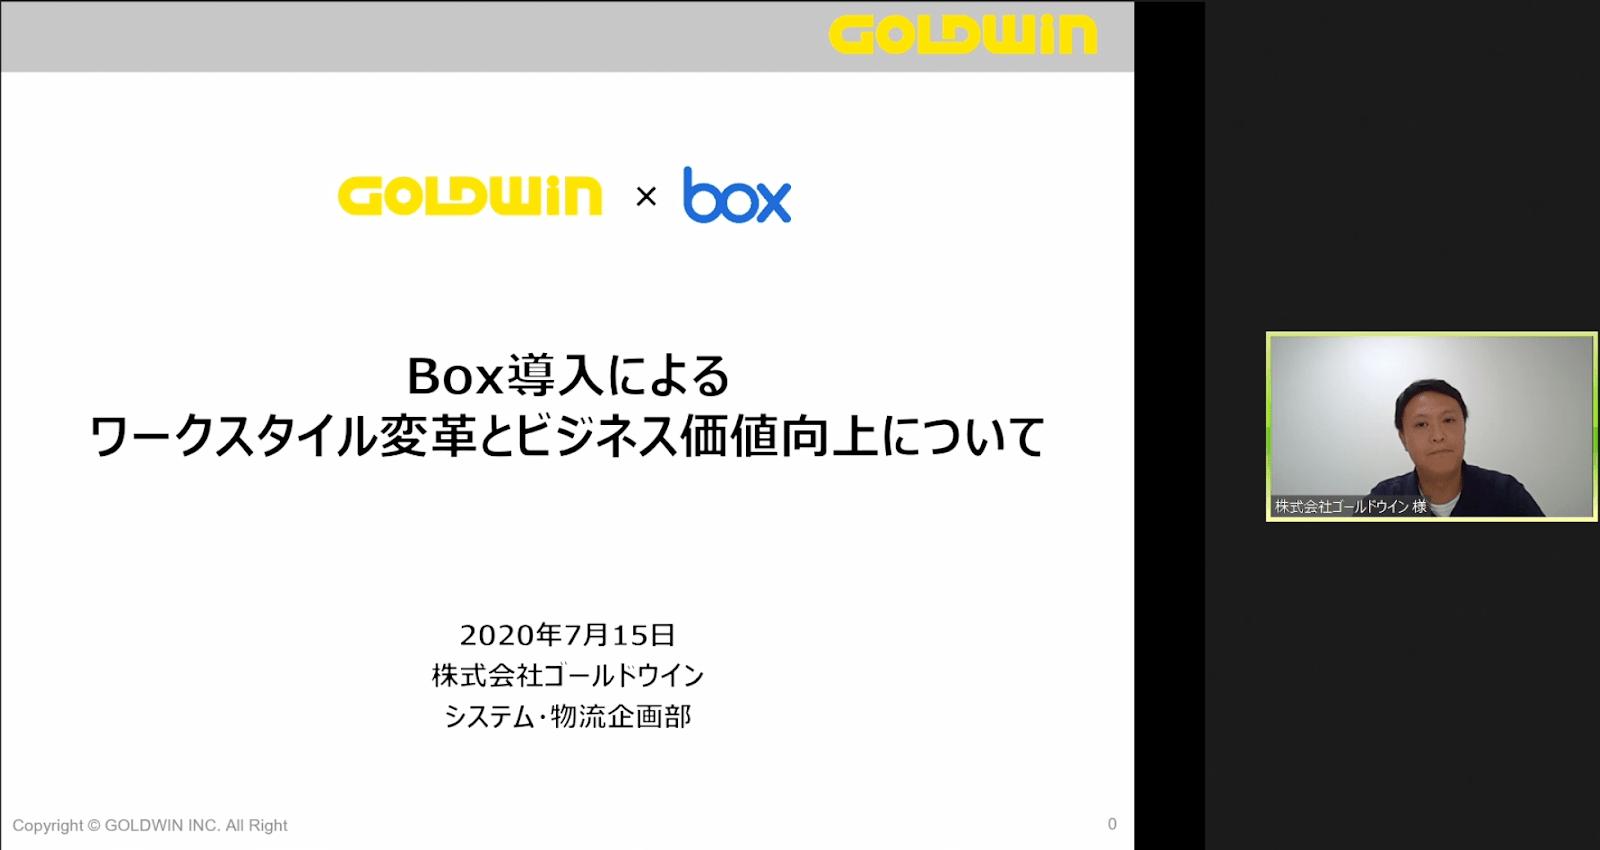 Box導入によるワークスタイル変革とビジネス活用について株式会社ゴールドウイン